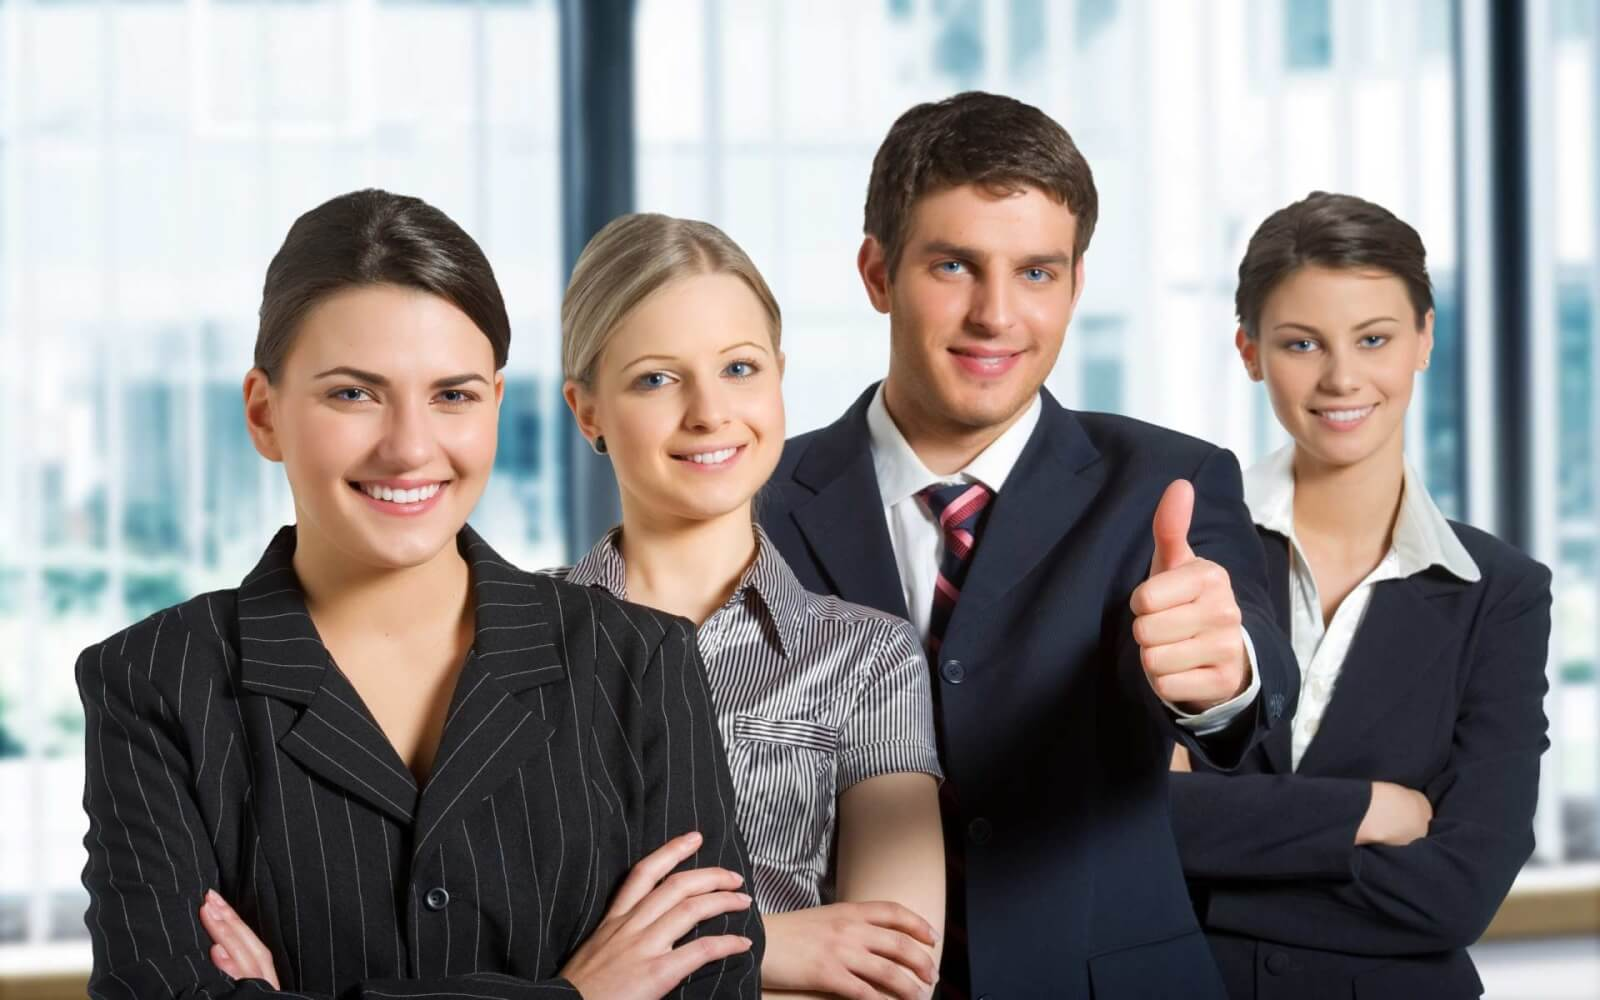 Образец информативного письма о представлении нового сотрудника и программы адаптации